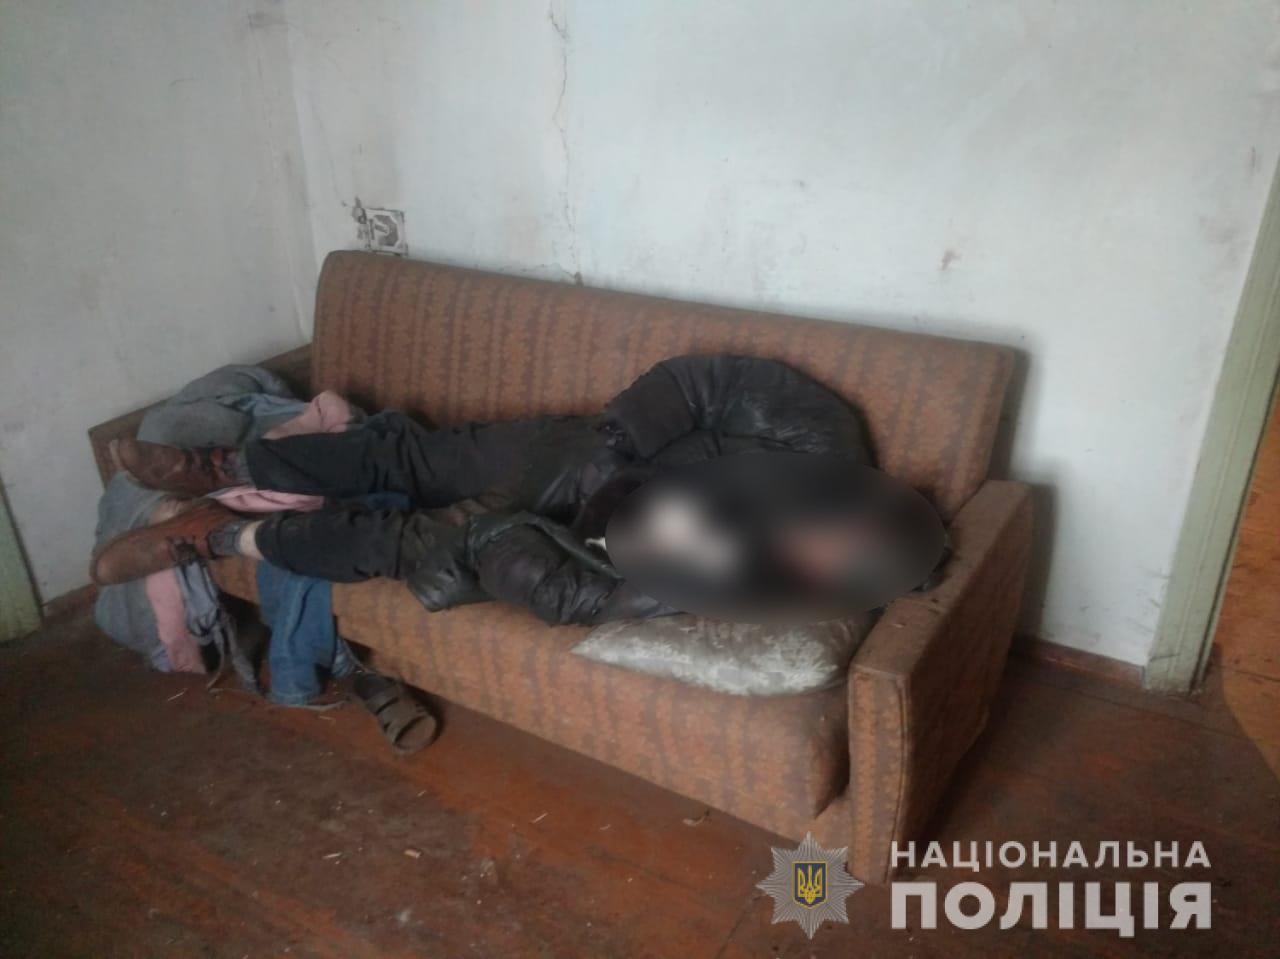 На Киевщине через три месяца после убийства нашли подозреваемого